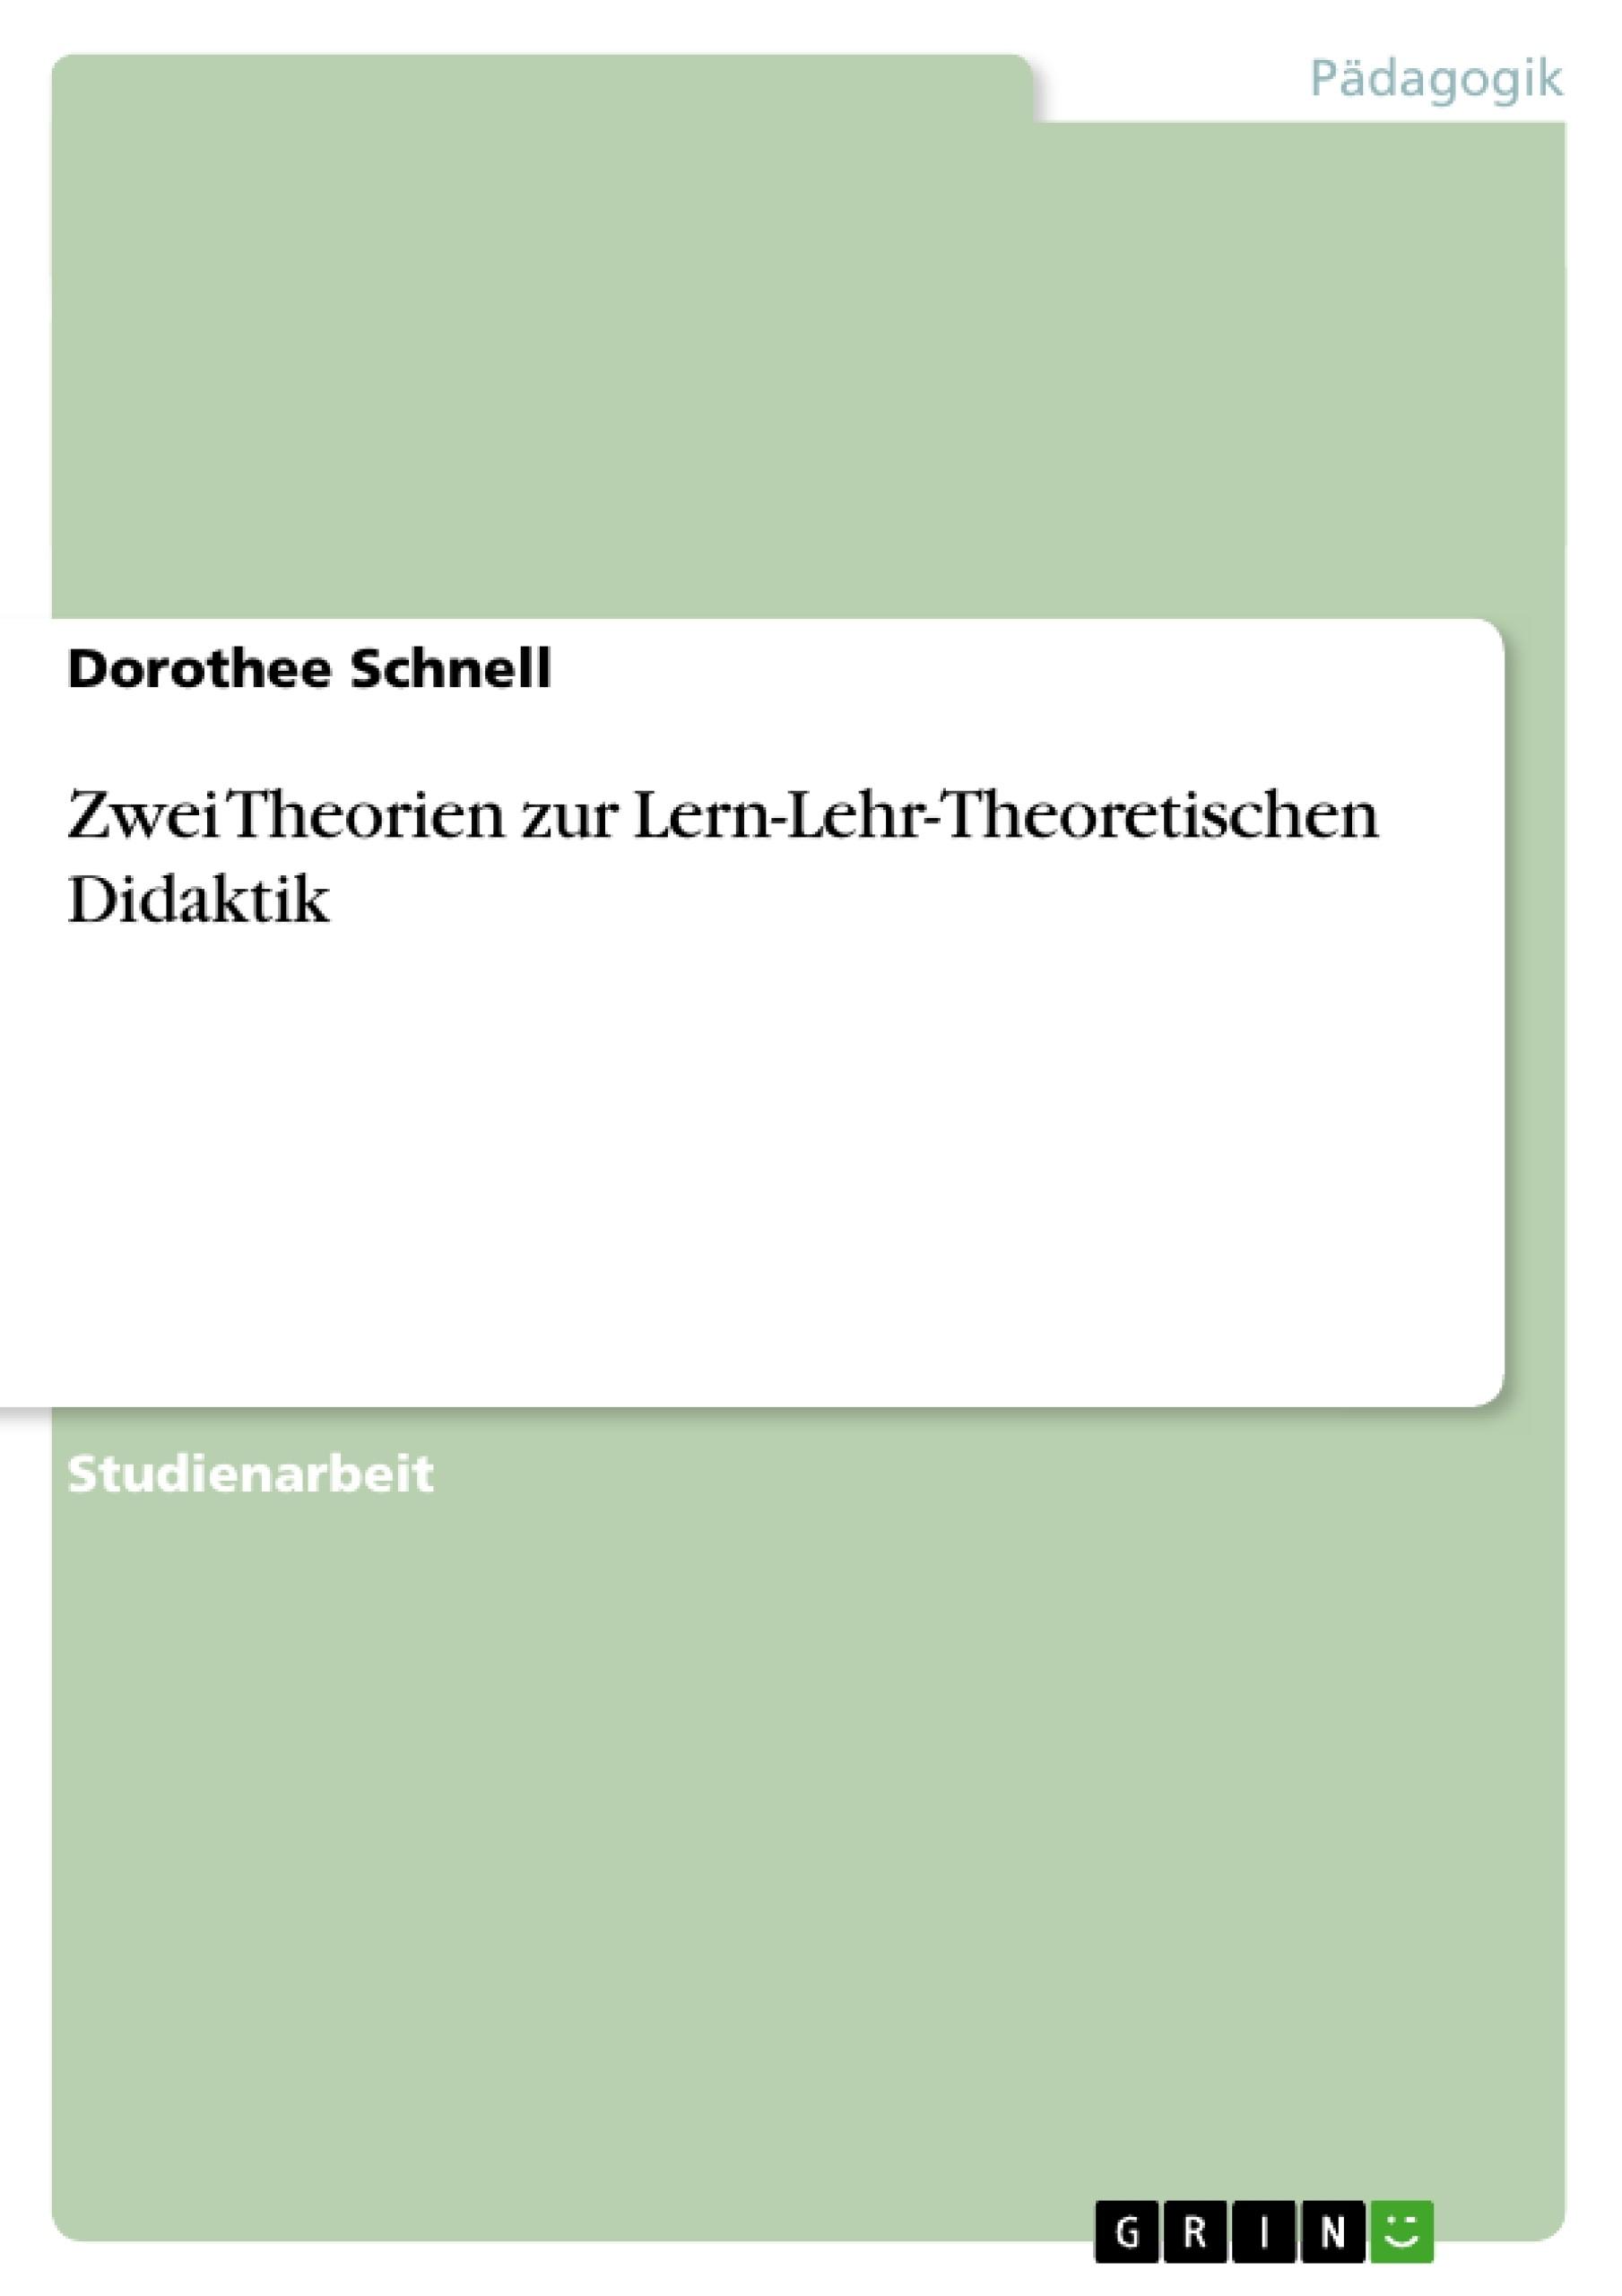 Titel: Zwei Theorien zur Lern-Lehr-Theoretischen Didaktik